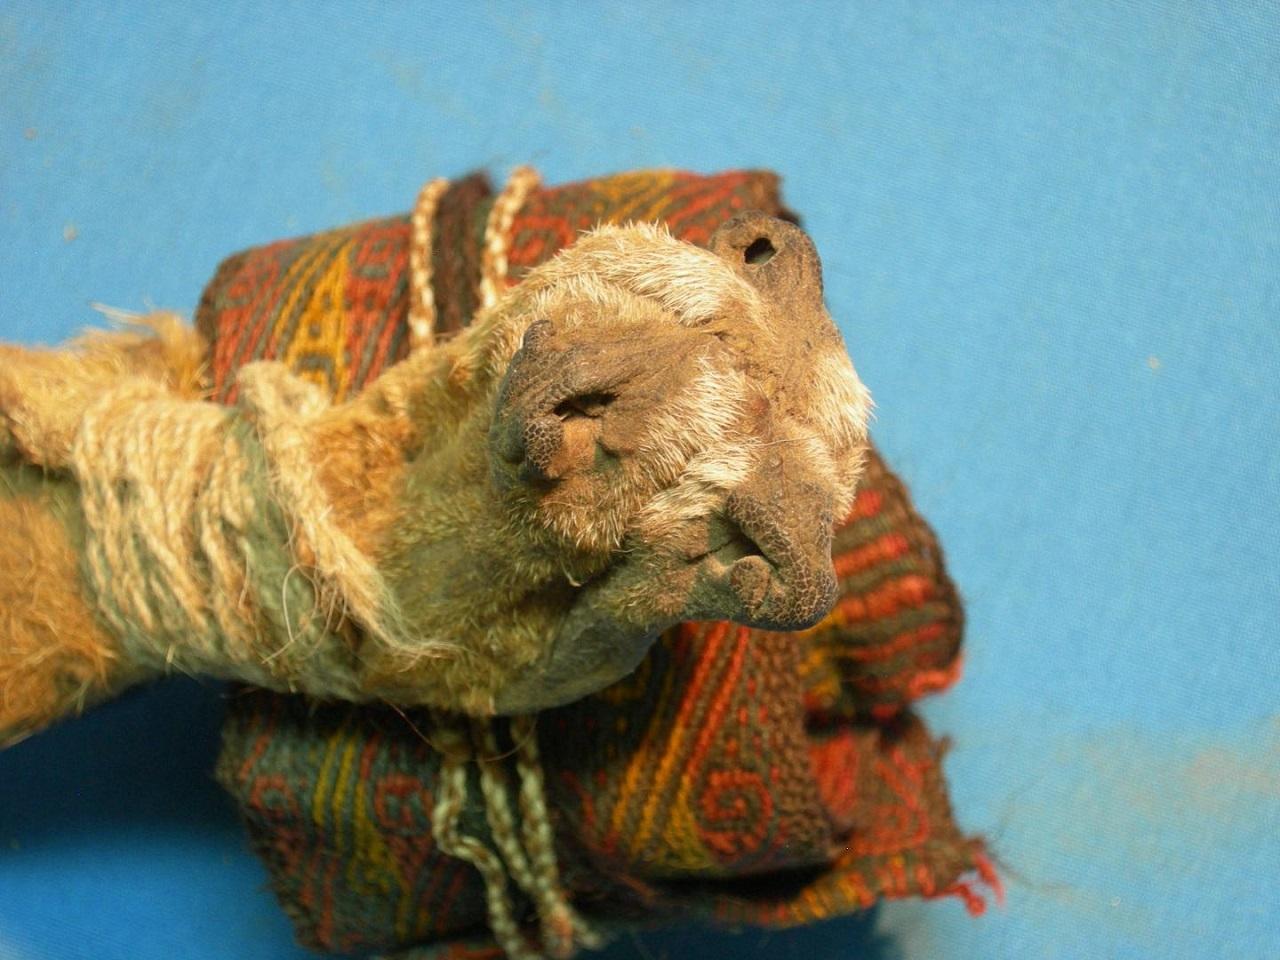 აღმოაჩინეს უძველესი შამანის ჩანთა, რომელშიც მრავალი ფსიქოტროპული საშუალება, მათ შორის კოკაინიც დევს